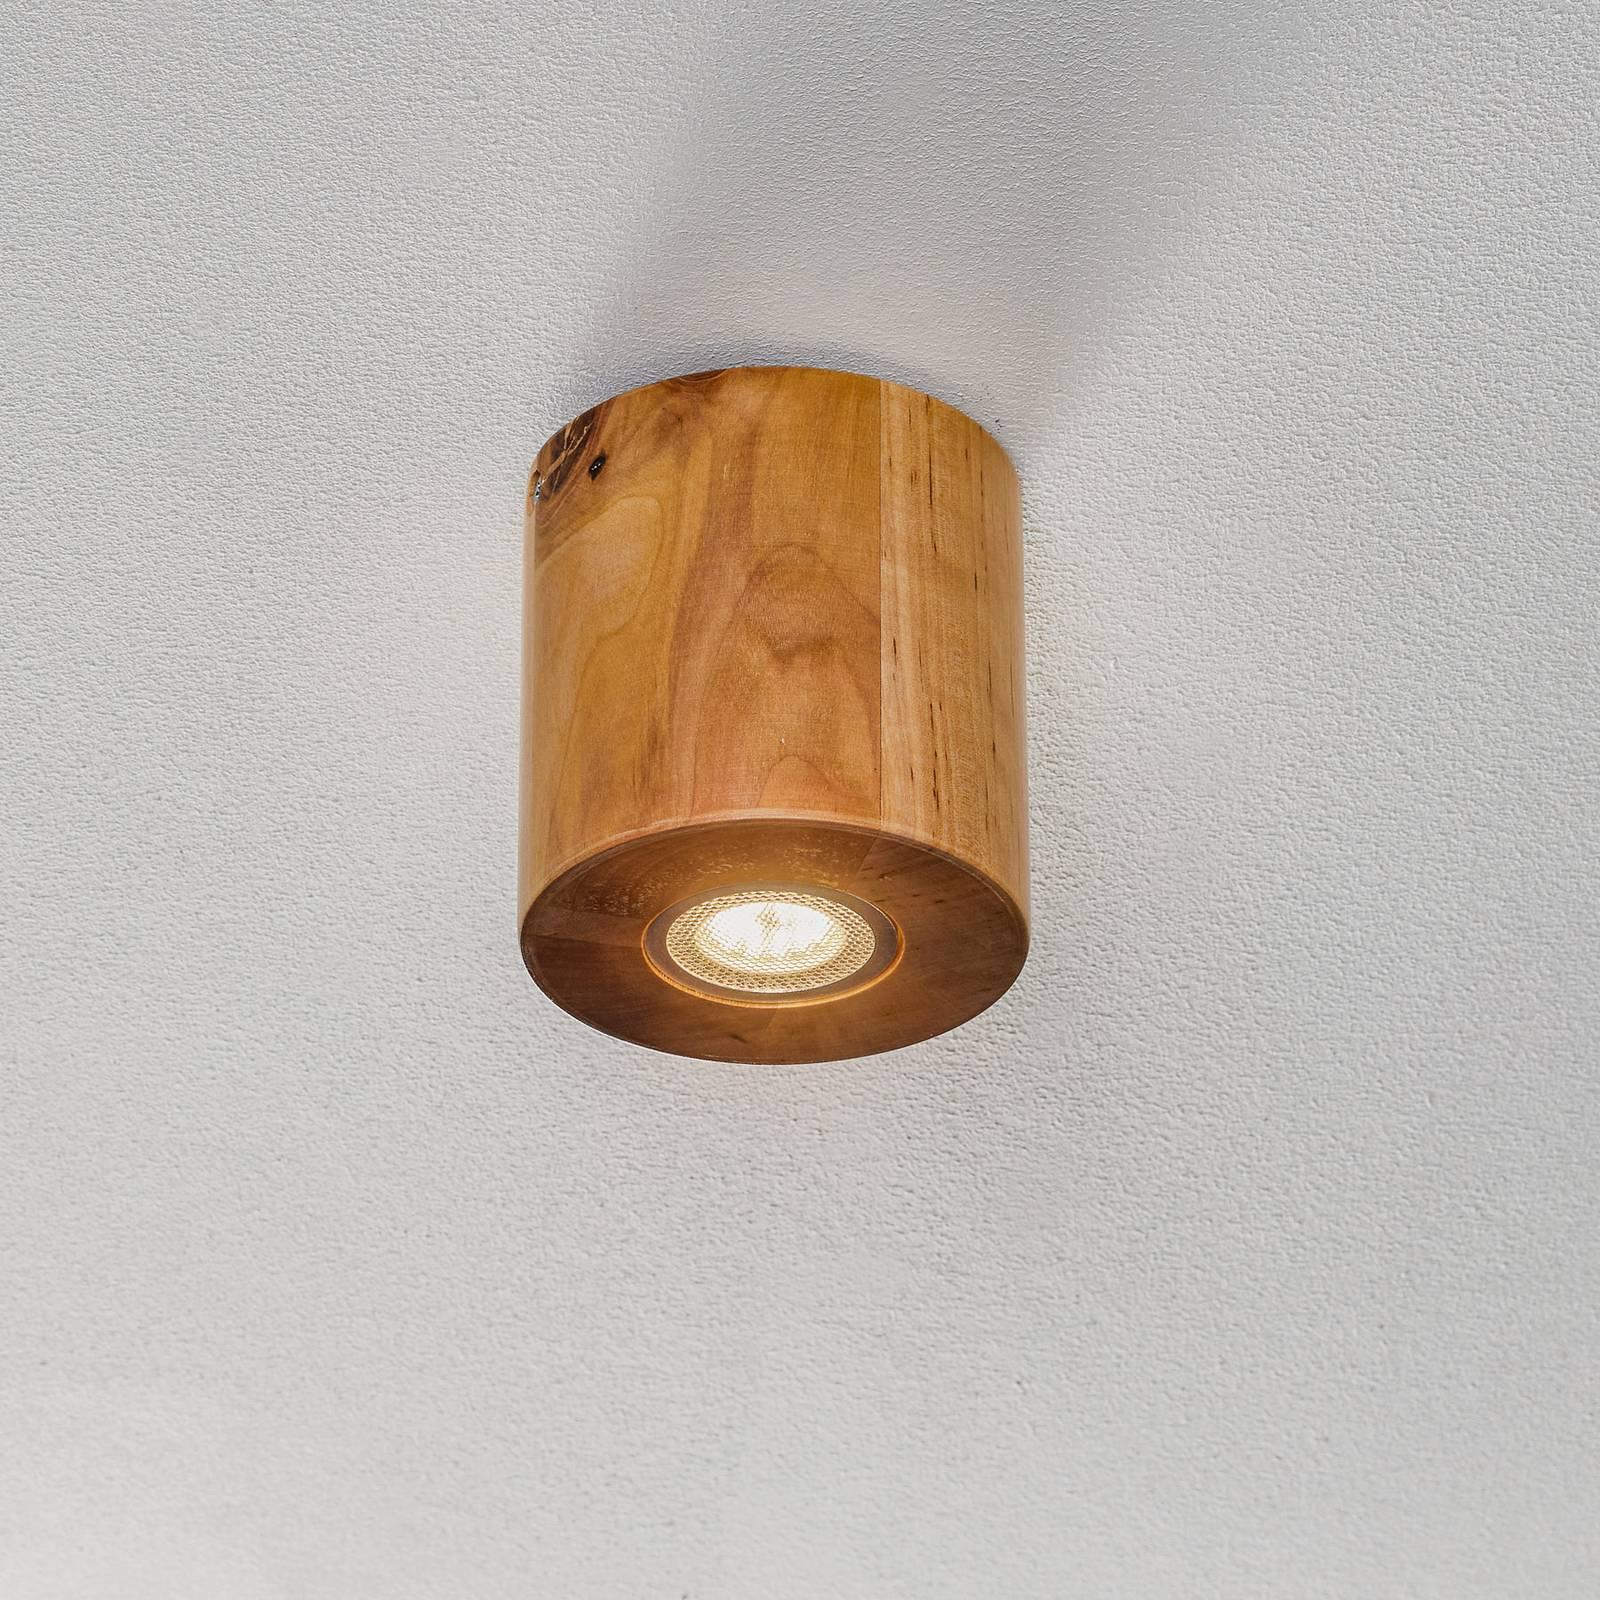 Kattovalaisin Ara, puinen lieriö